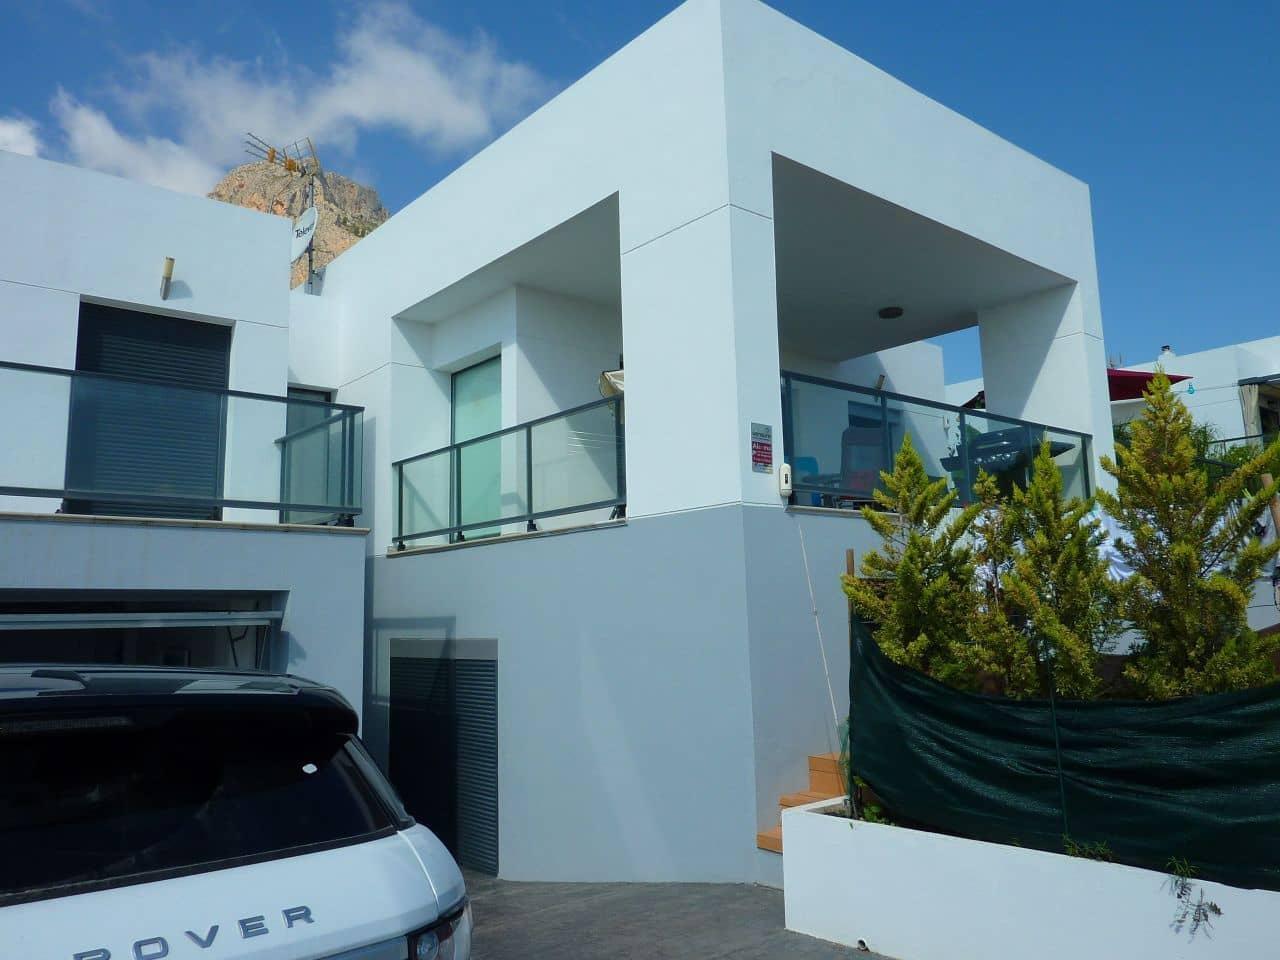 Chalet de 3 habitaciones en Polop en venta con garaje - 355.000 € (Ref: 5032965)